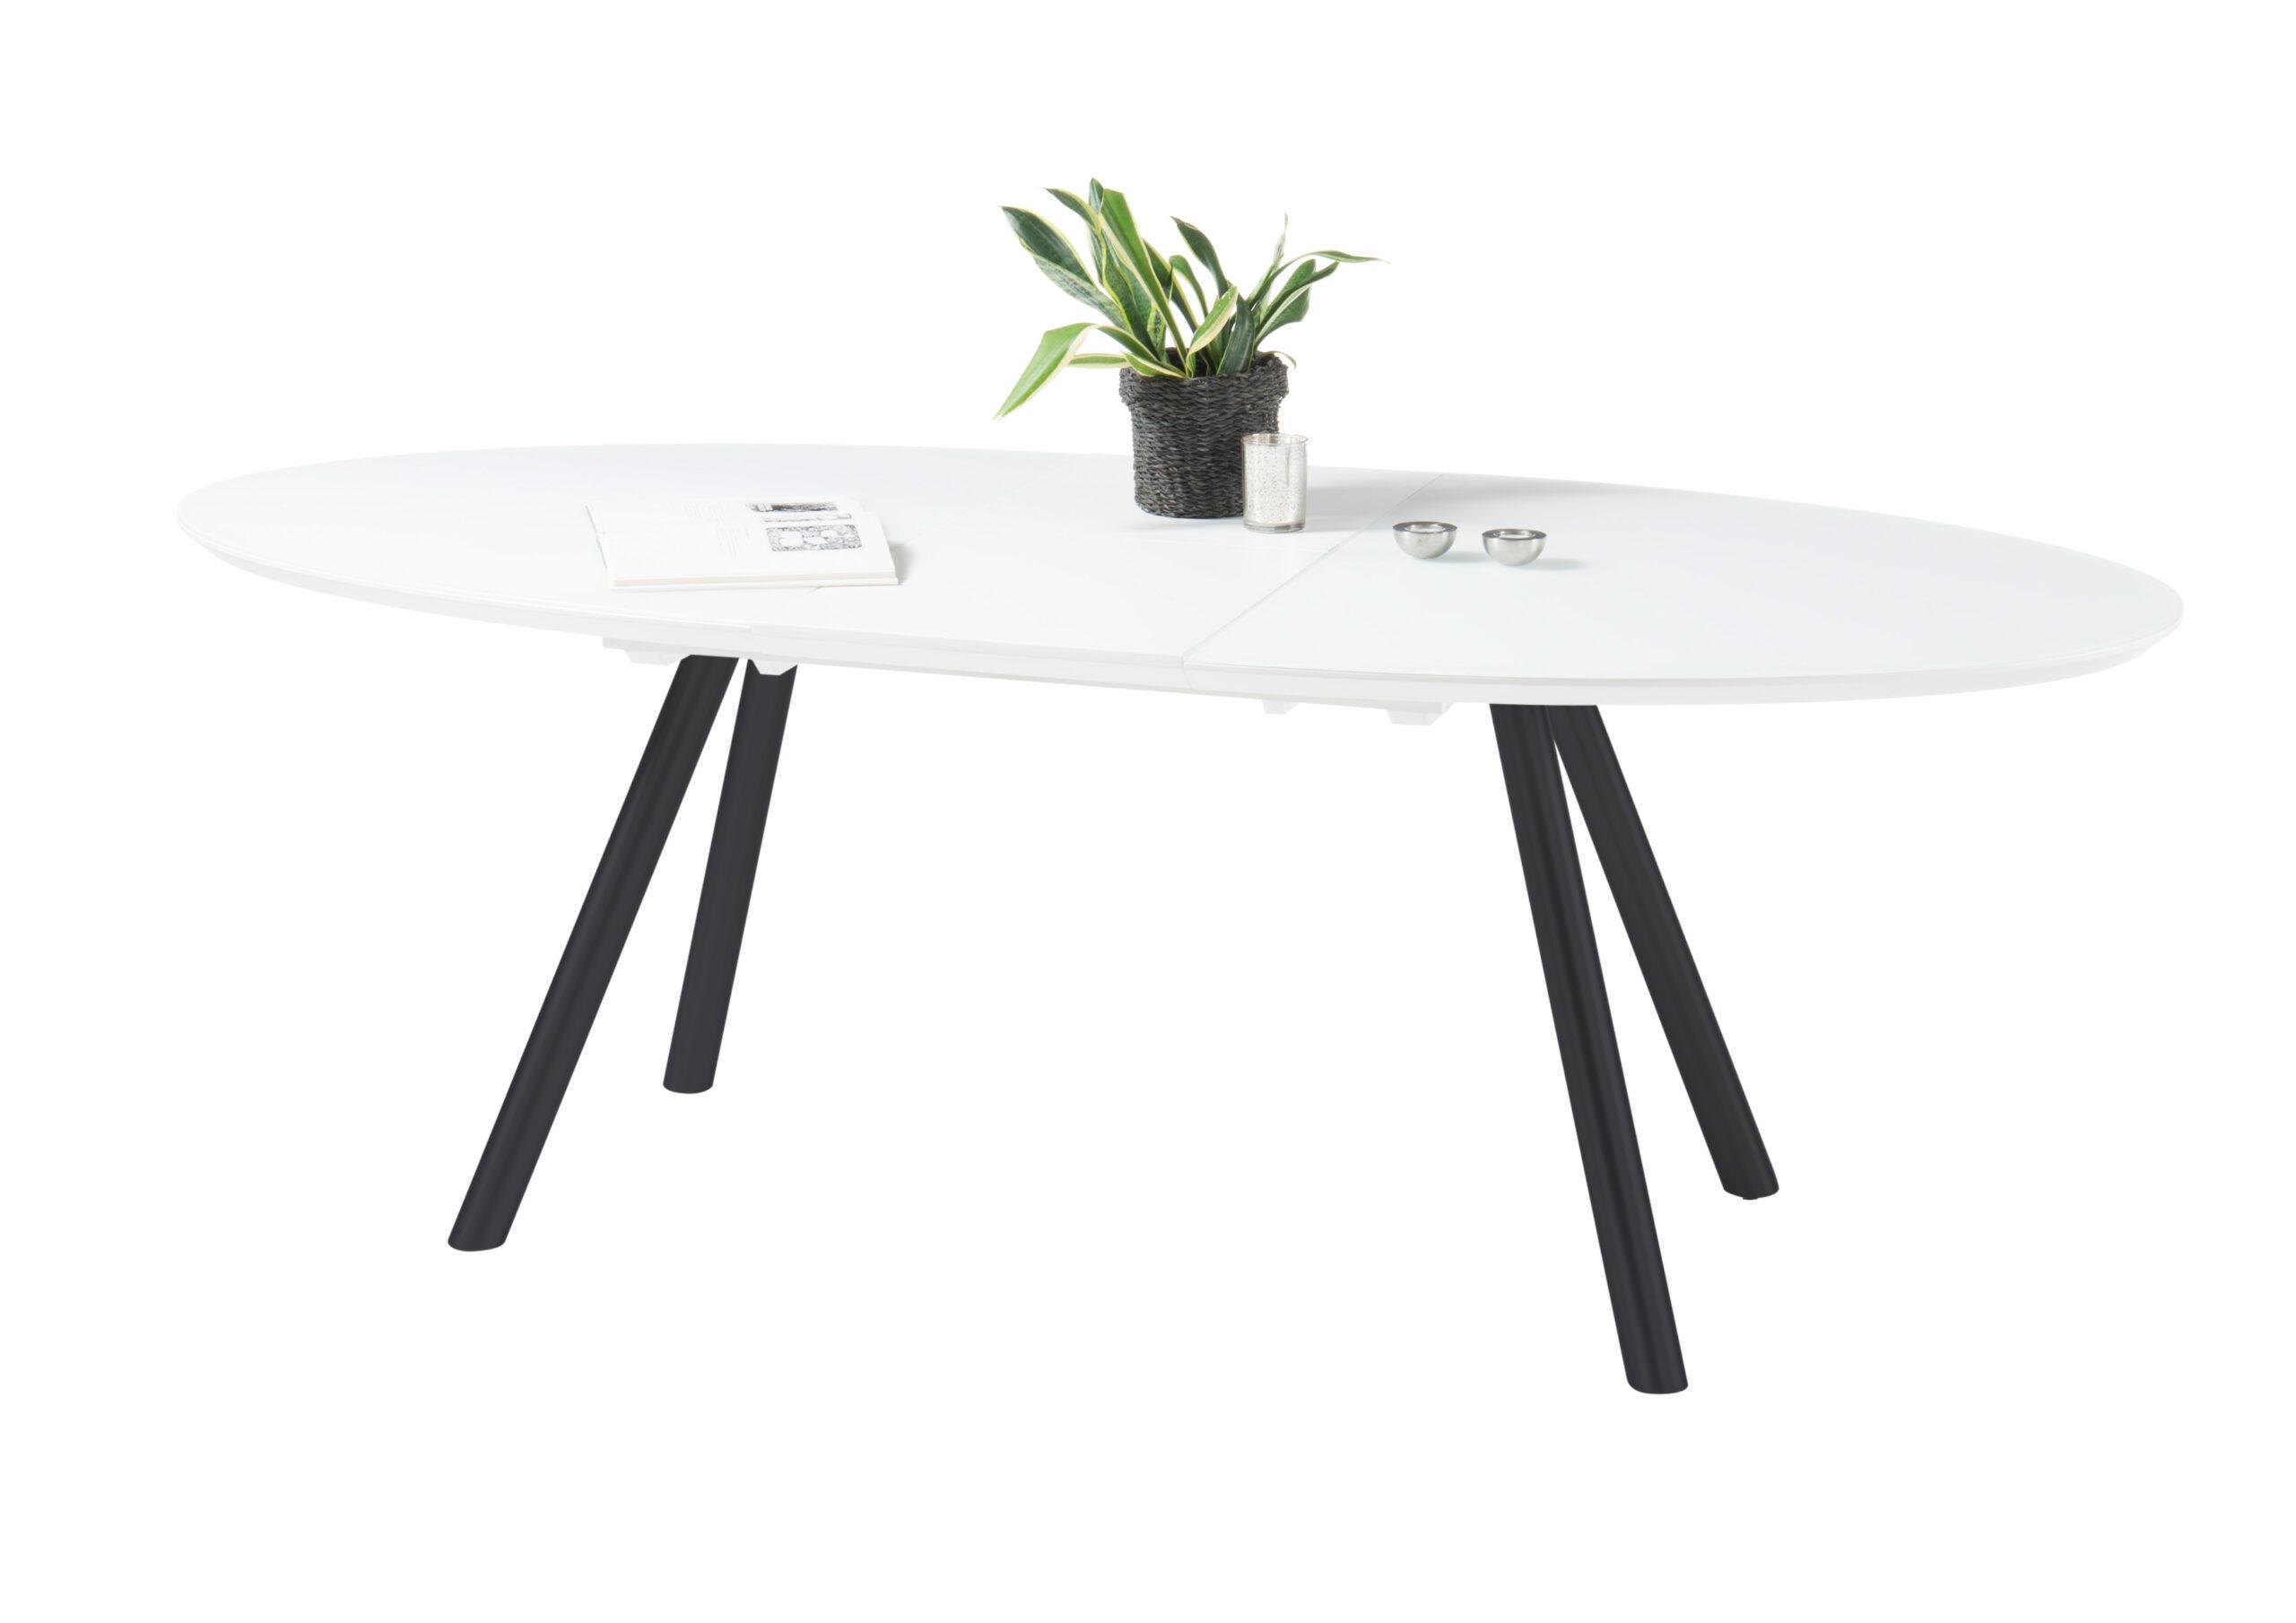 Full Size of Esstisch Weiß Oval Jean Esszimmertisch Dinnertisch Kchentisch Tisch Mit 4 Stühlen Günstig Big Sofa Shabby Chic Esstische Rund Weiss Glas Holzplatte Und Esstische Esstisch Weiß Oval